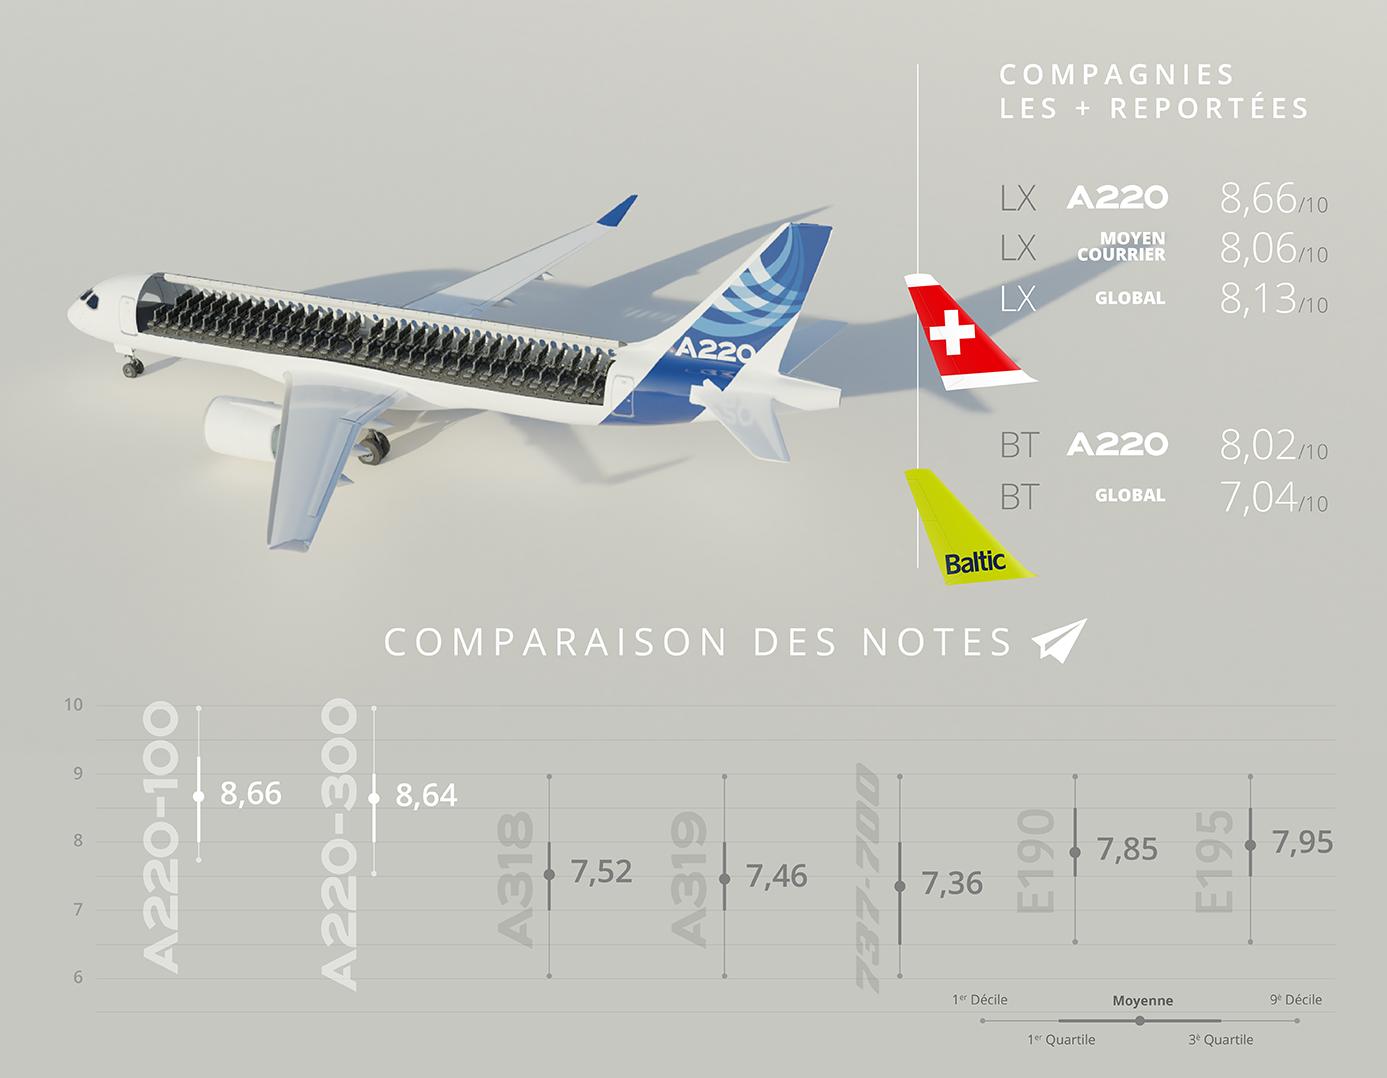 Comparaison des notes Flight-Report de l